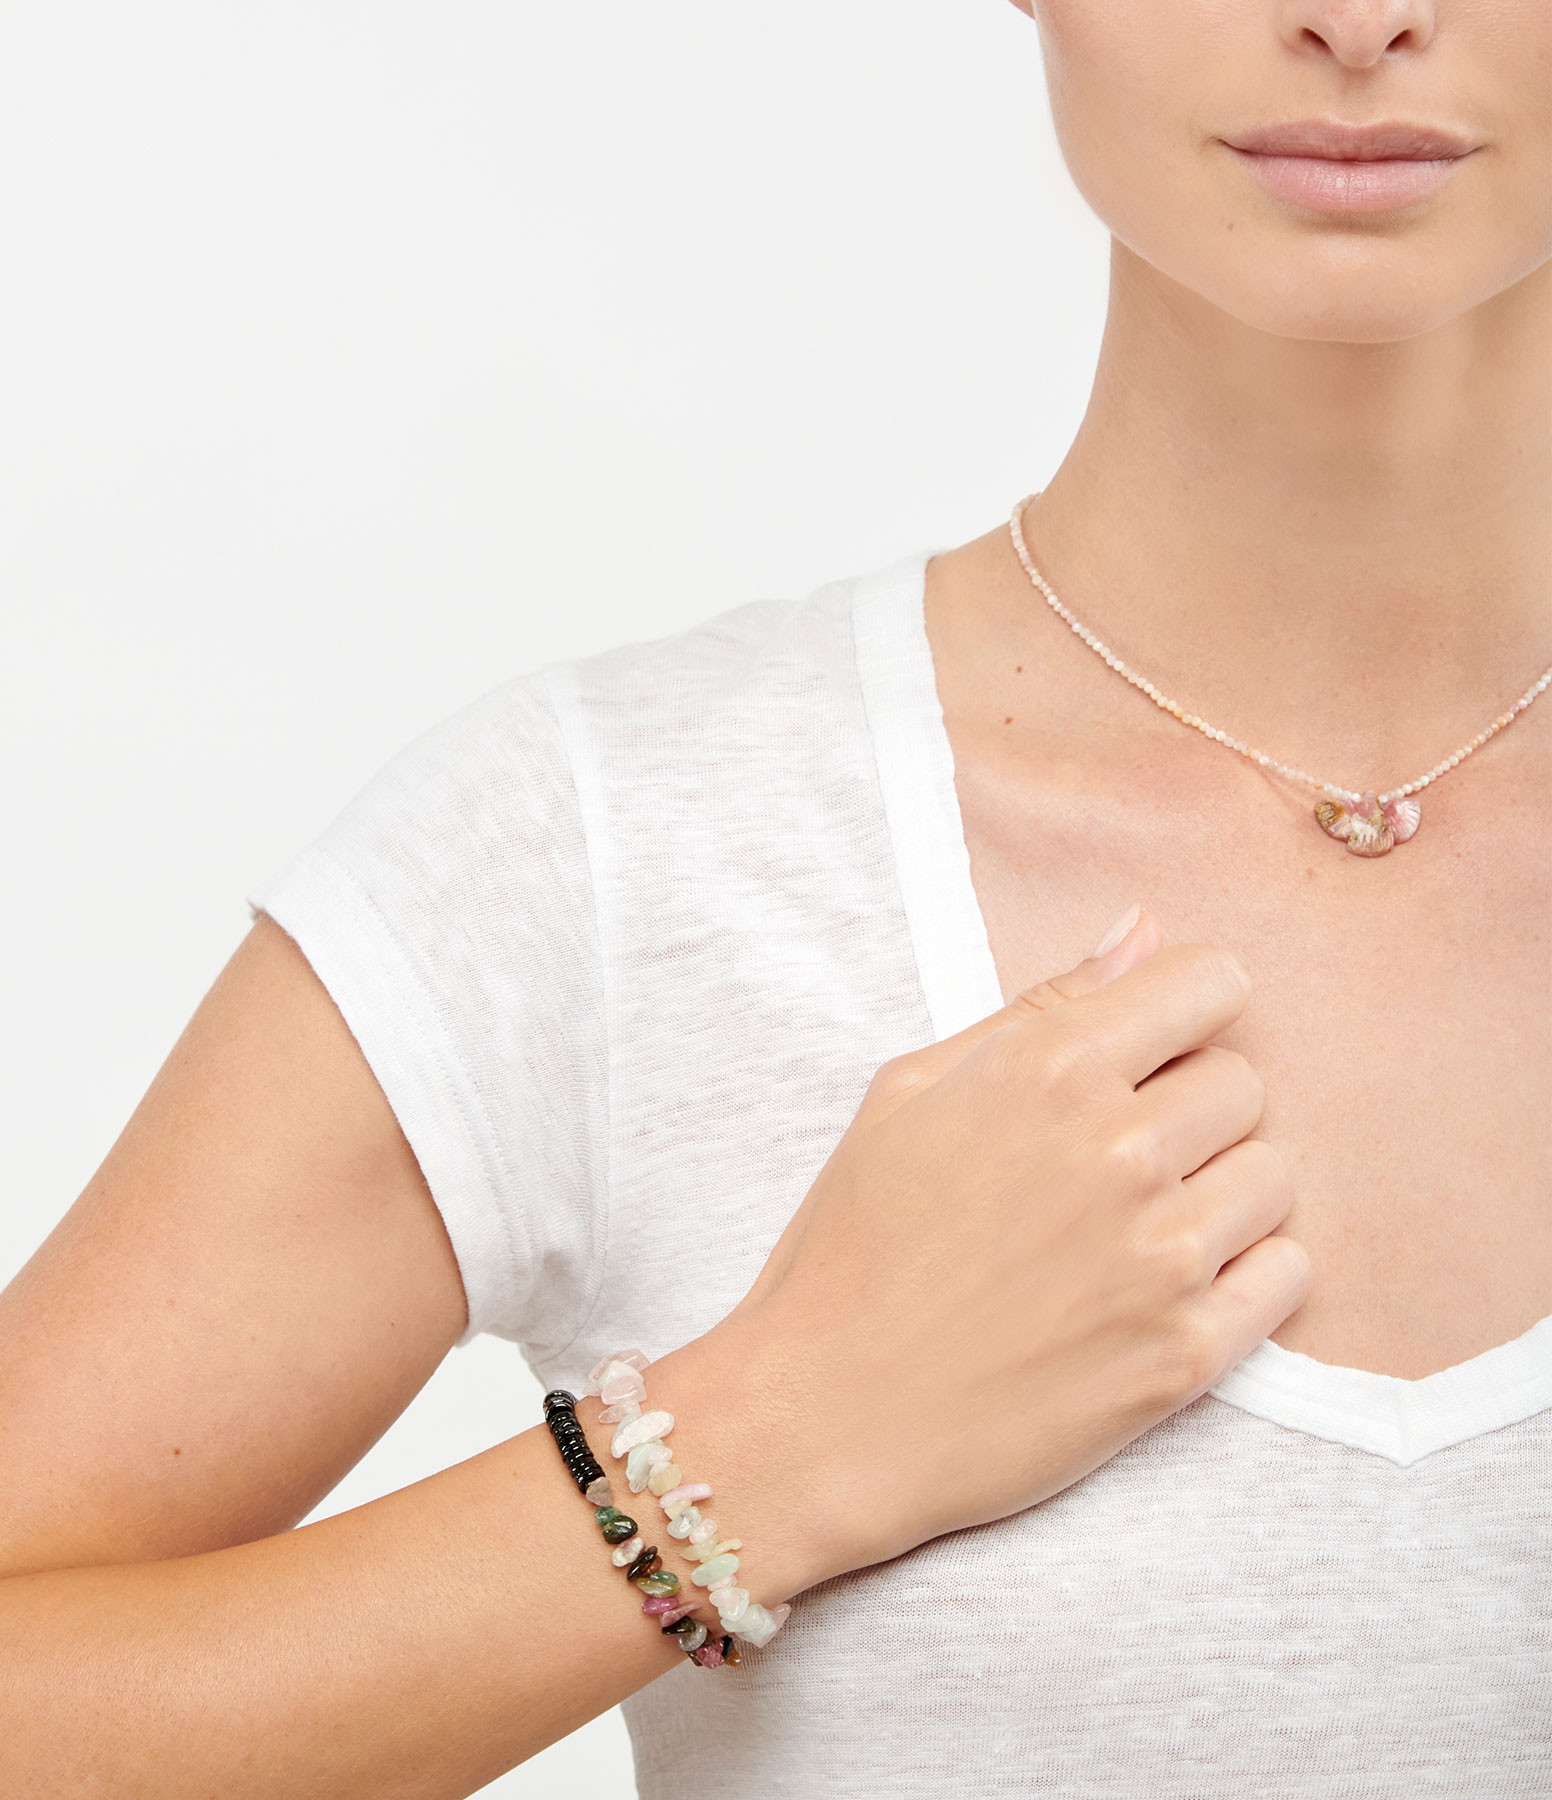 MON PRECIEUX GEM - Bracelet Bigoût Onyx Tourmaline